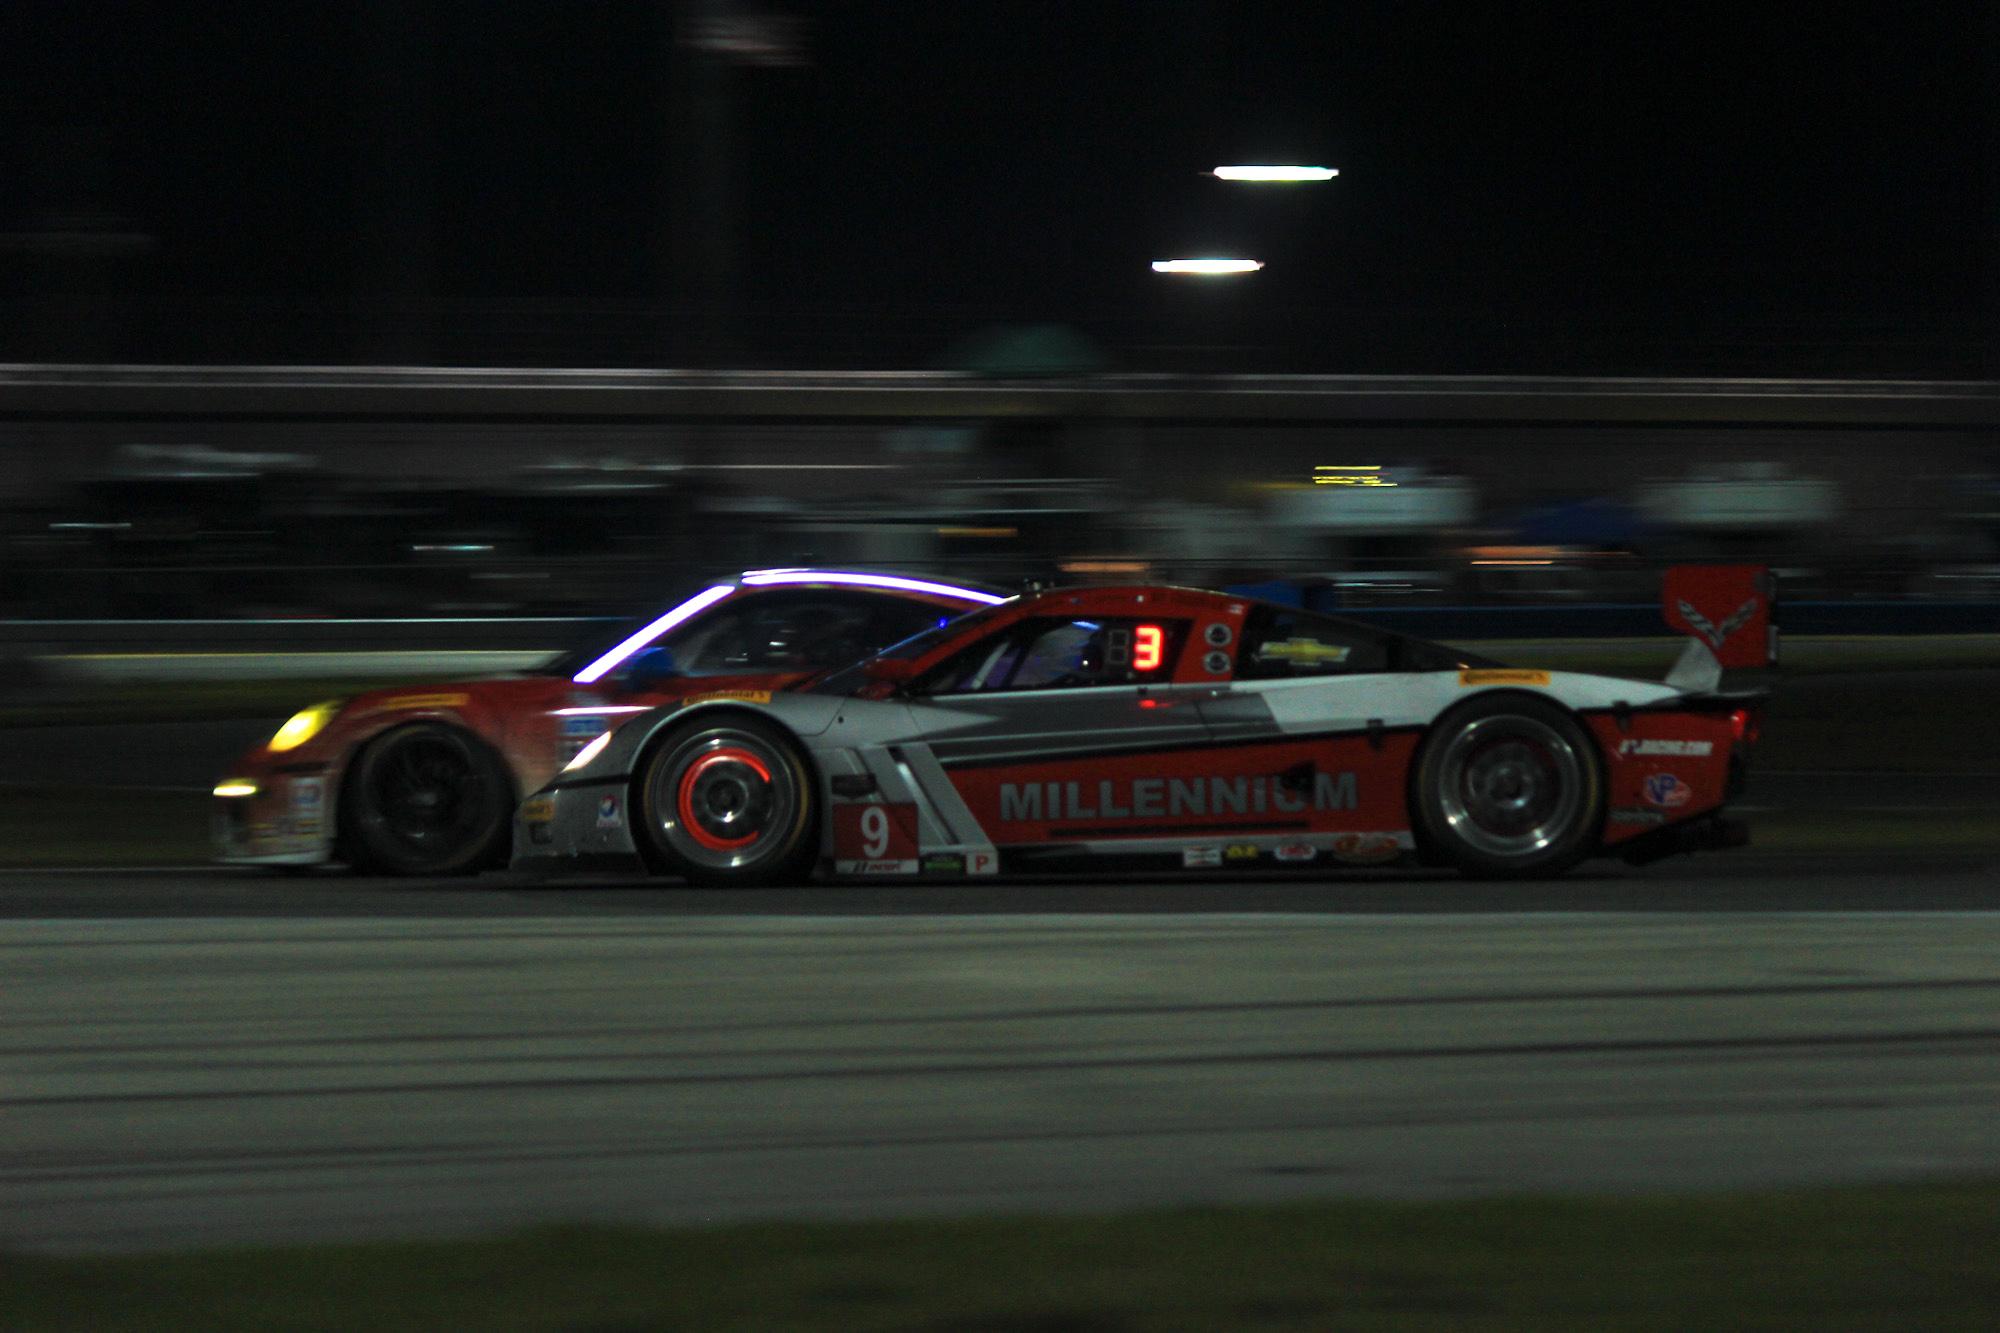 2014 Rolex 24: Daytona At Night